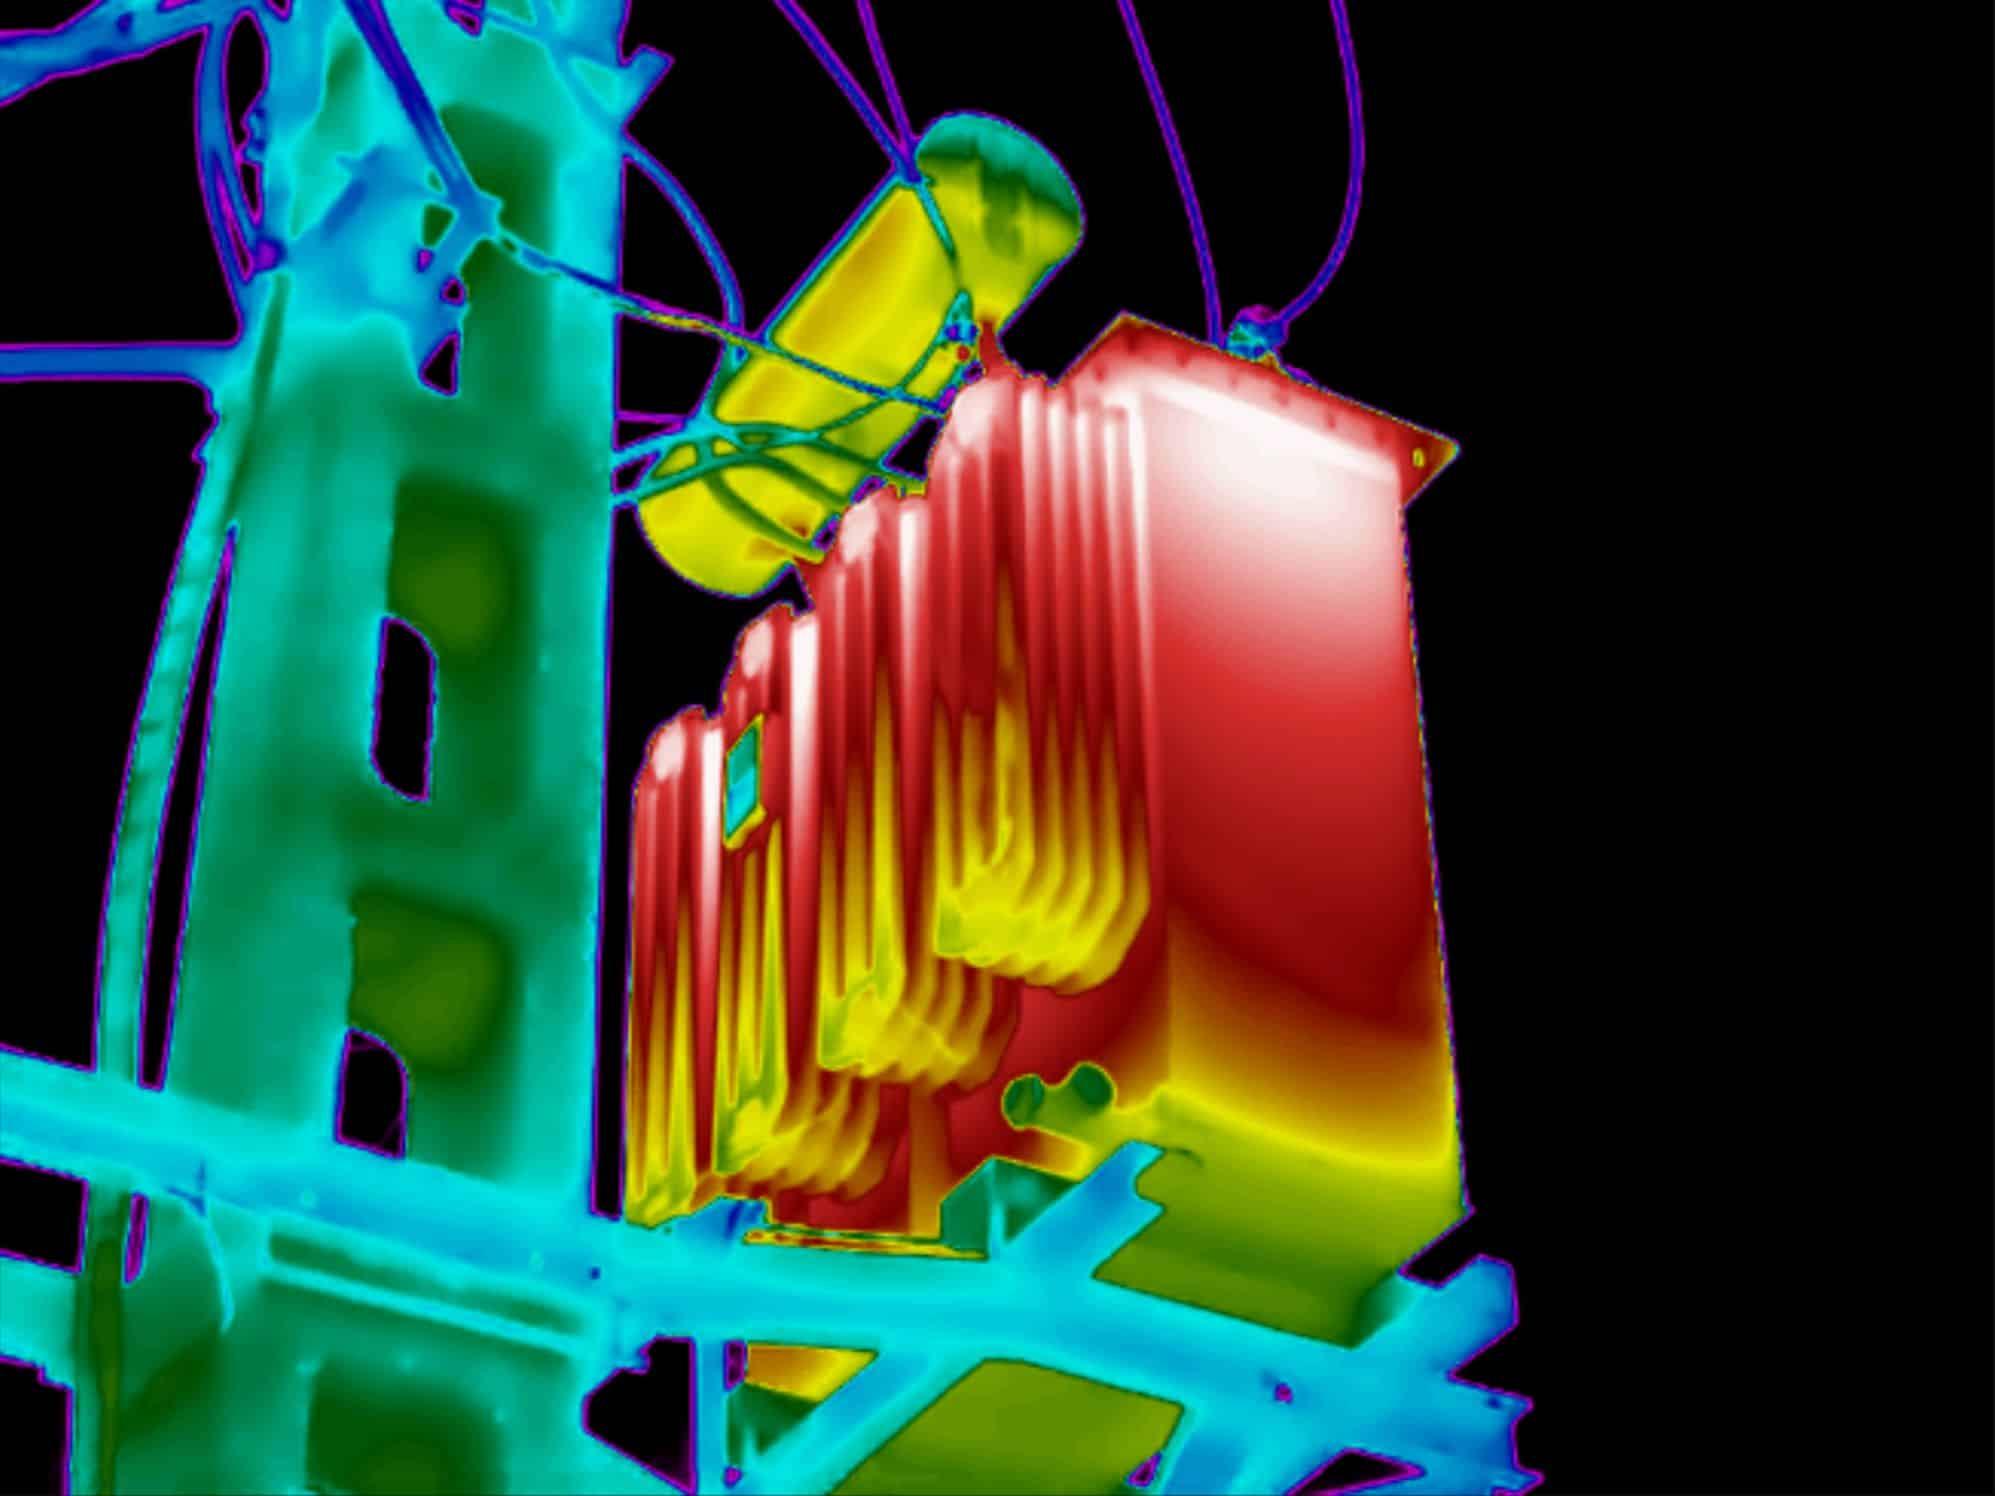 Thermografie bij een oliegekoelde transformator